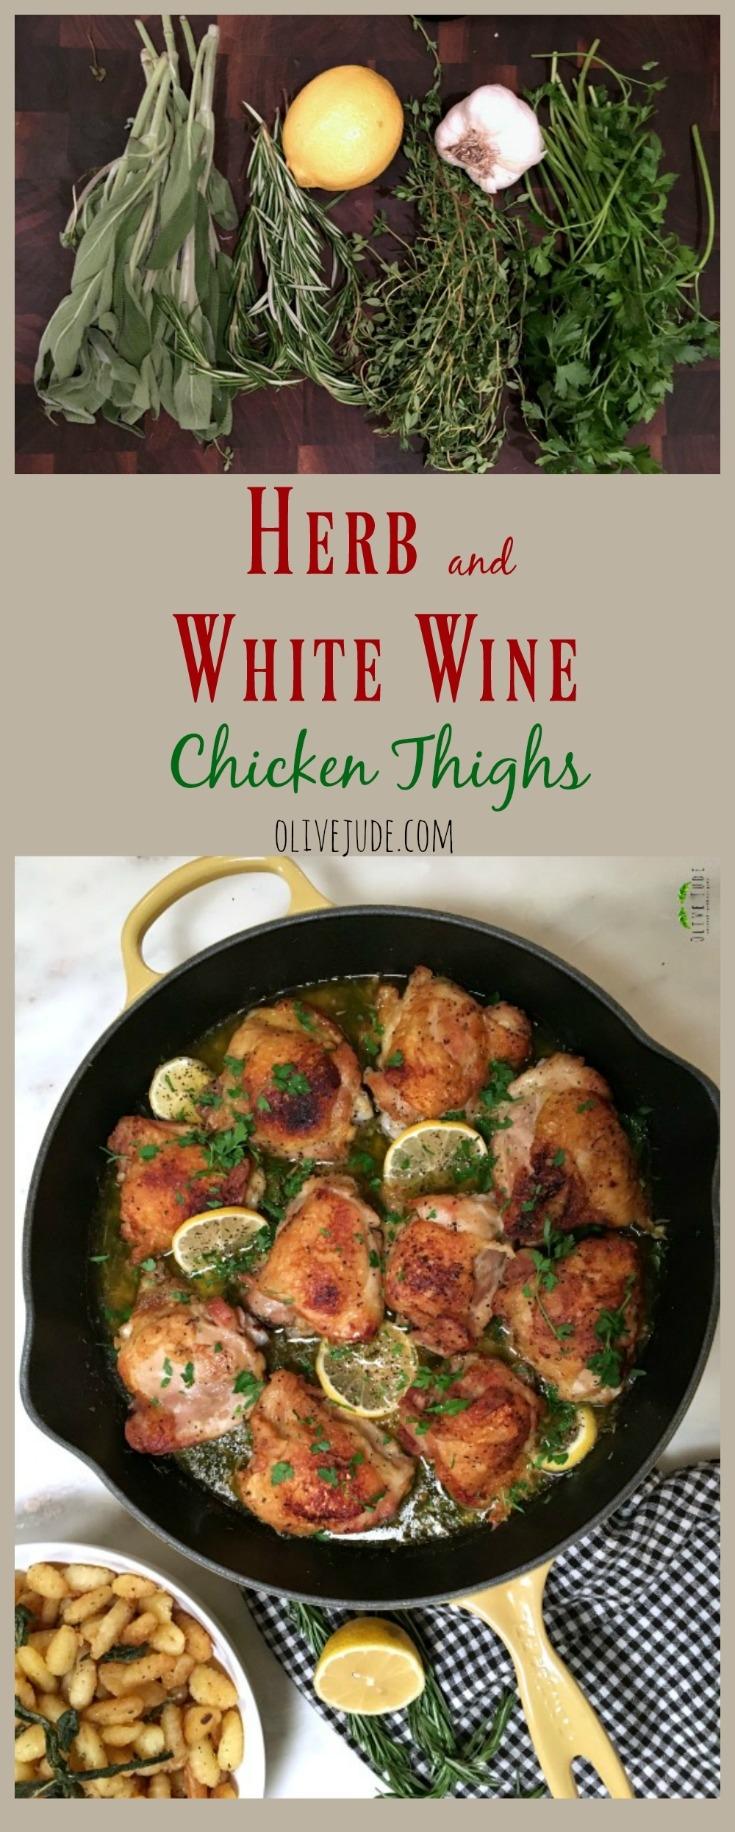 Herb and White Wine Chicken Thighs #herbandwhitewinechicken #skilletchicken #chickenthighrecipe #herbchicken #whitewinechicken